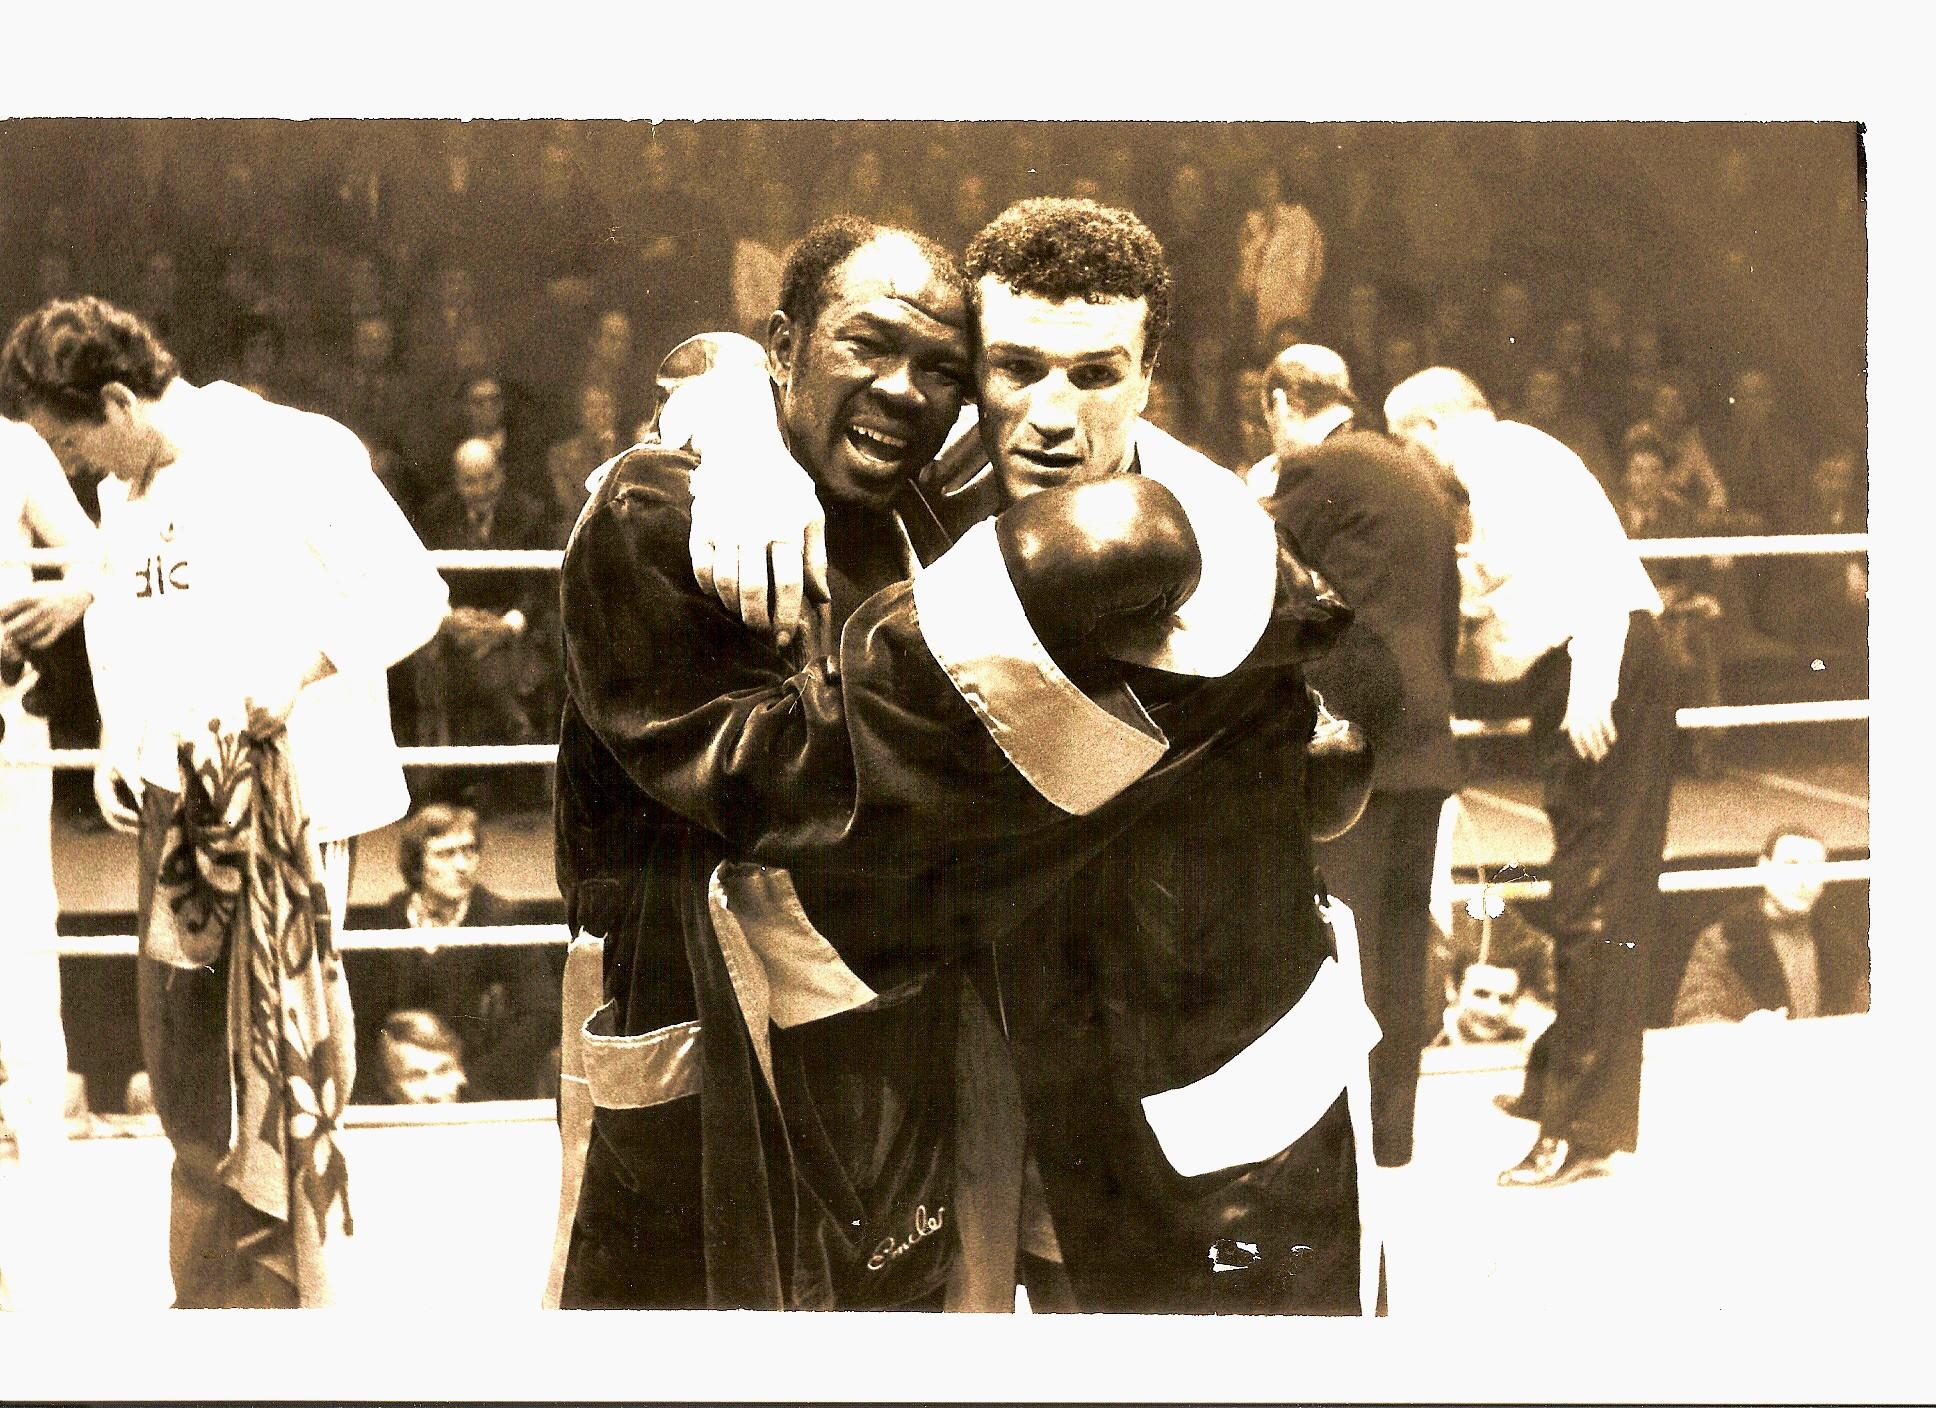 Loucif Hamani et Emile Griffith à la fin de leur combat épique, le 9 février 1976 à Paris. Ce jour là, le boxeur de Choisy-le-Roi a infligé une magnifique leçon de boxe au grand combattant américain plusieurs fois sacré champion du monde.